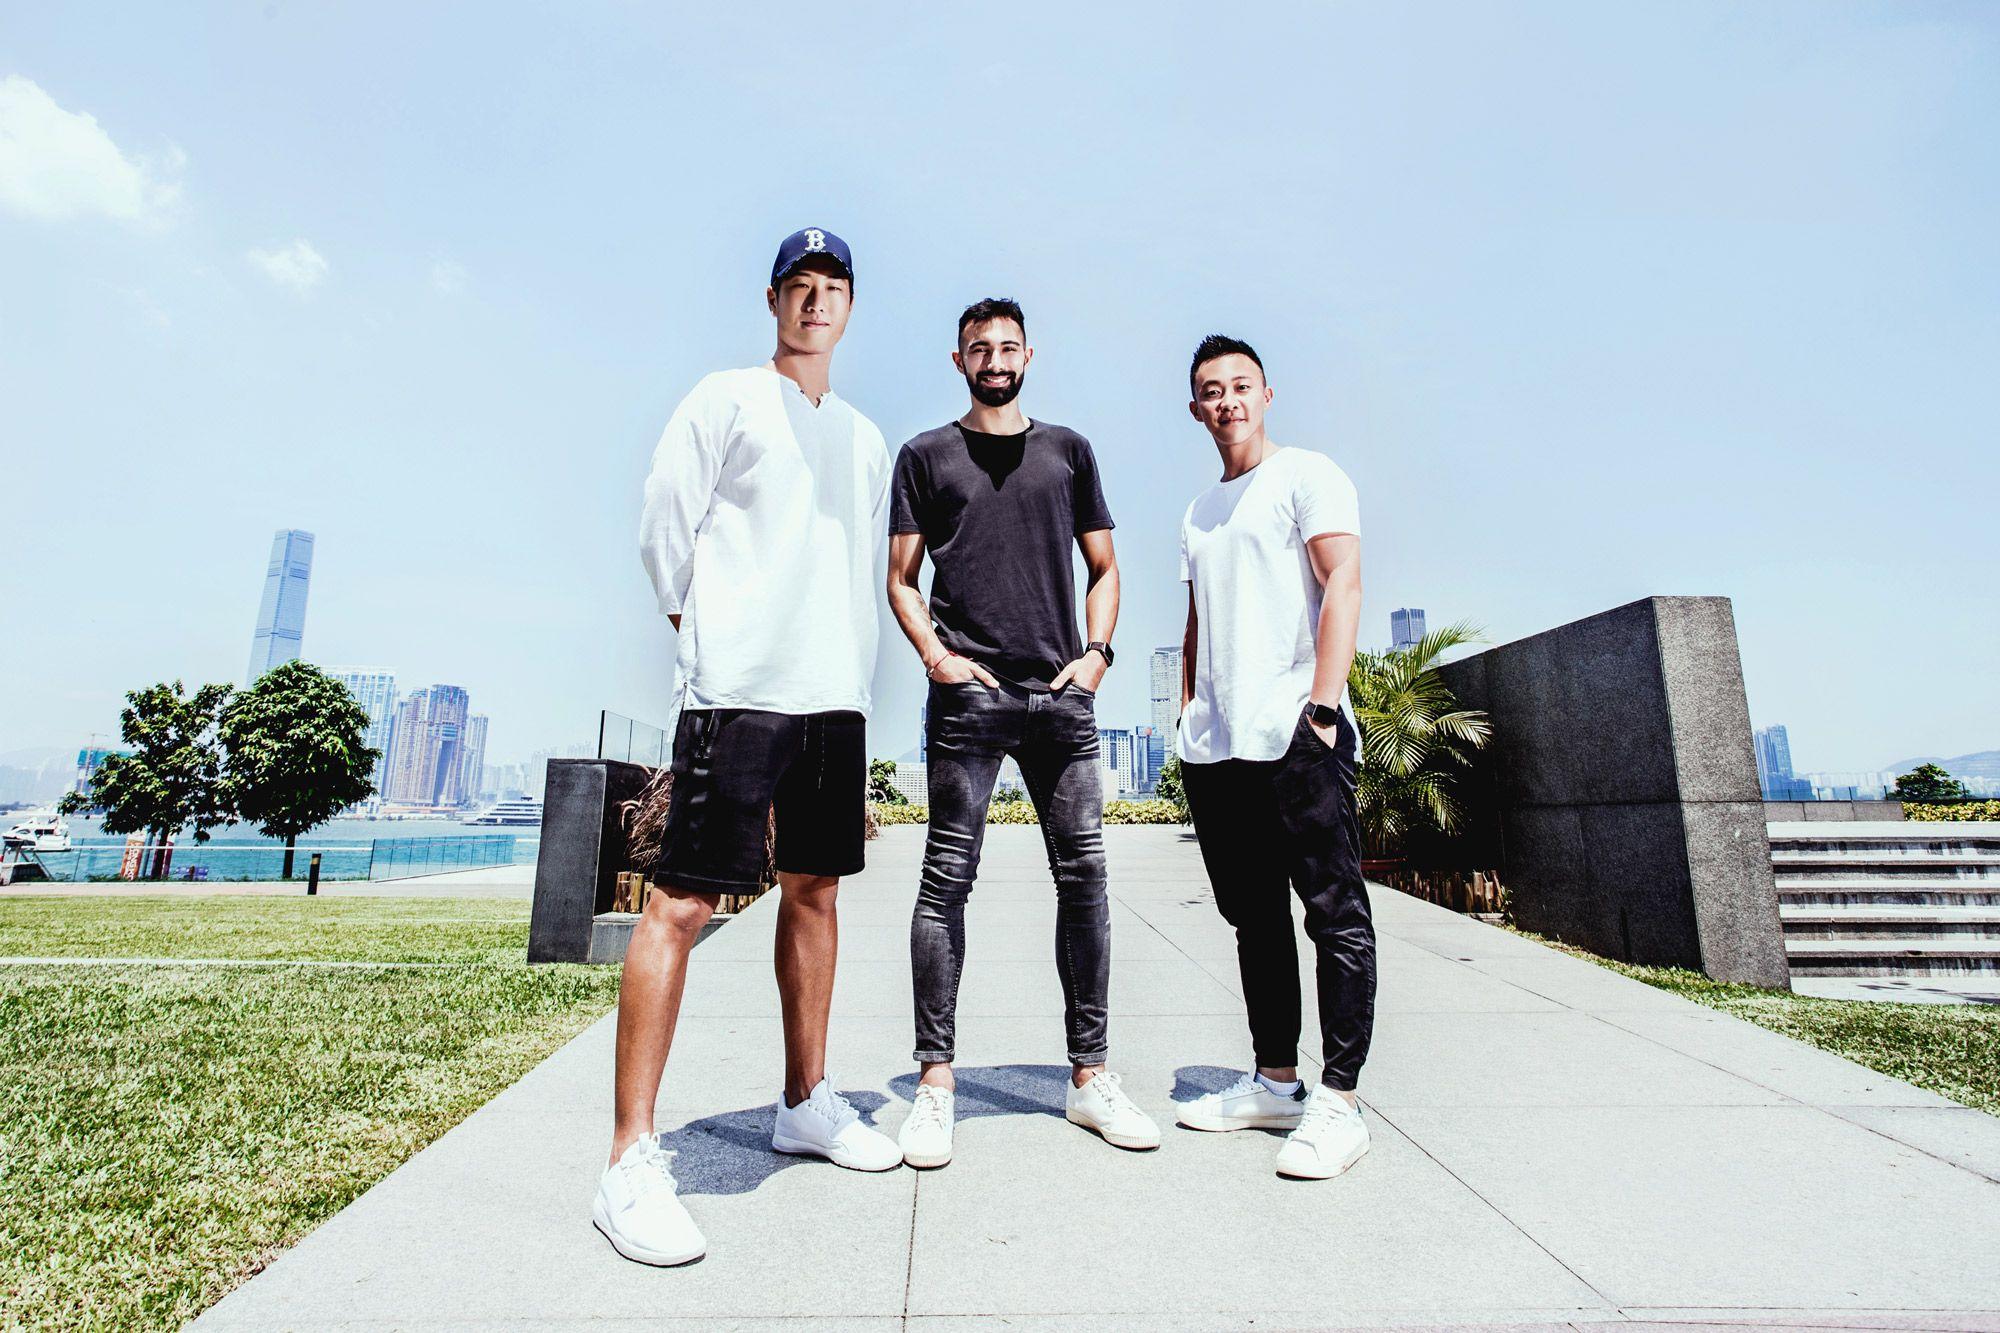 Meet The Entrepreneurs Behind Hong Kong's Largest Wellness Festival